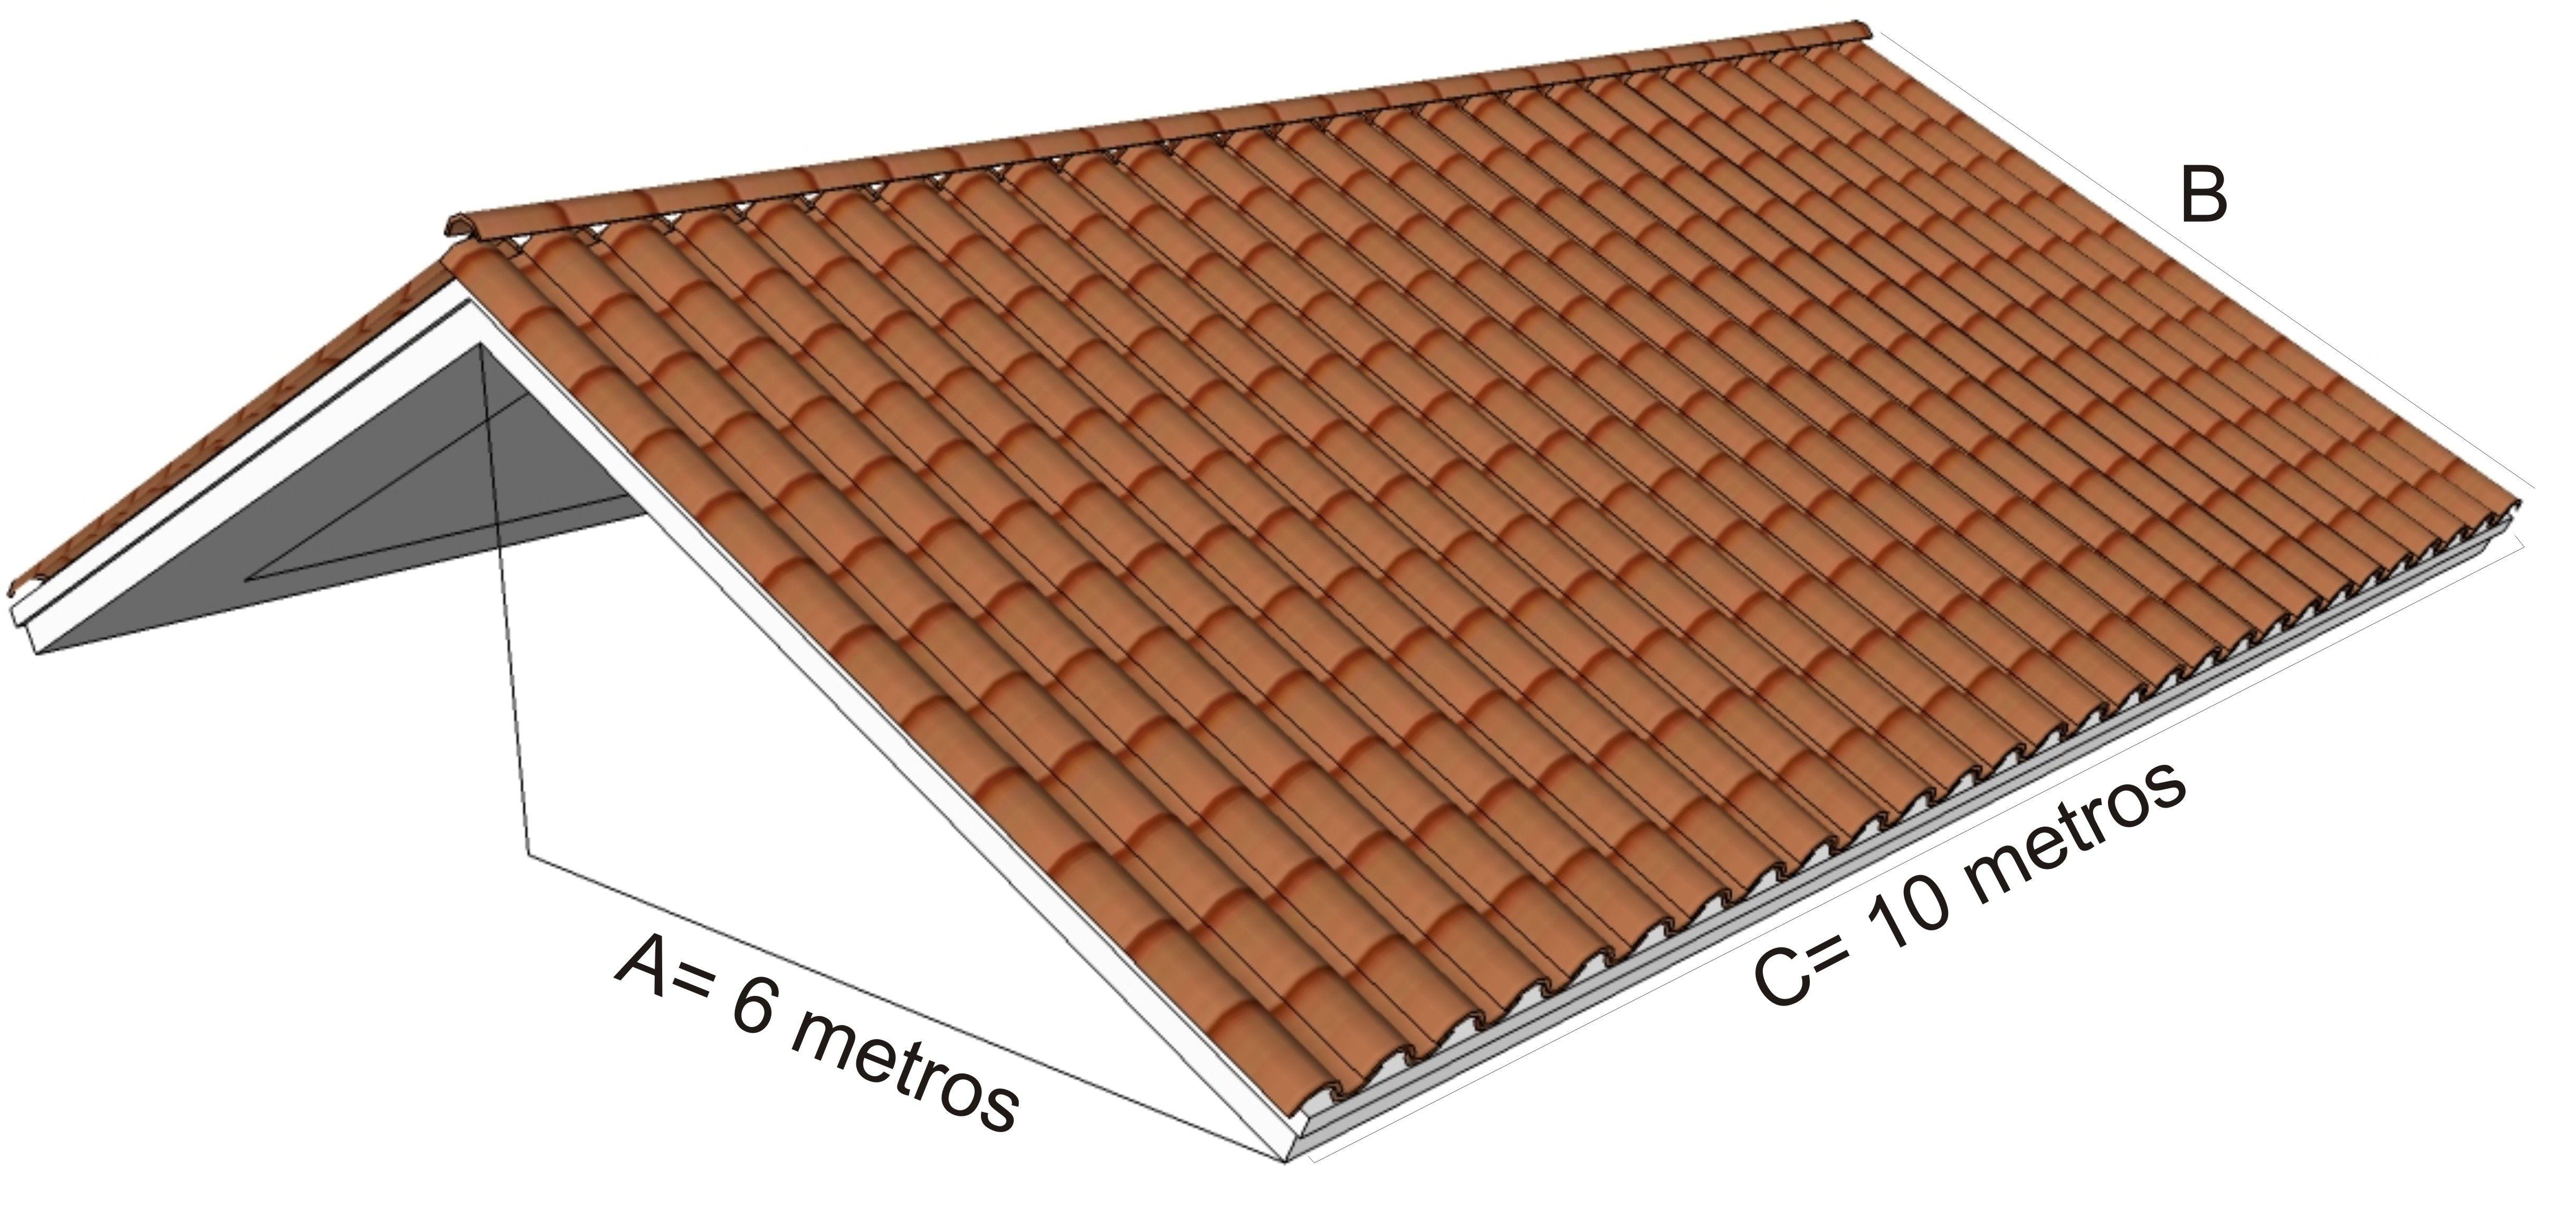 Muitas vezes Como calcular quantidade de telhas necesárias | MADEIRAMENTO E  NS61